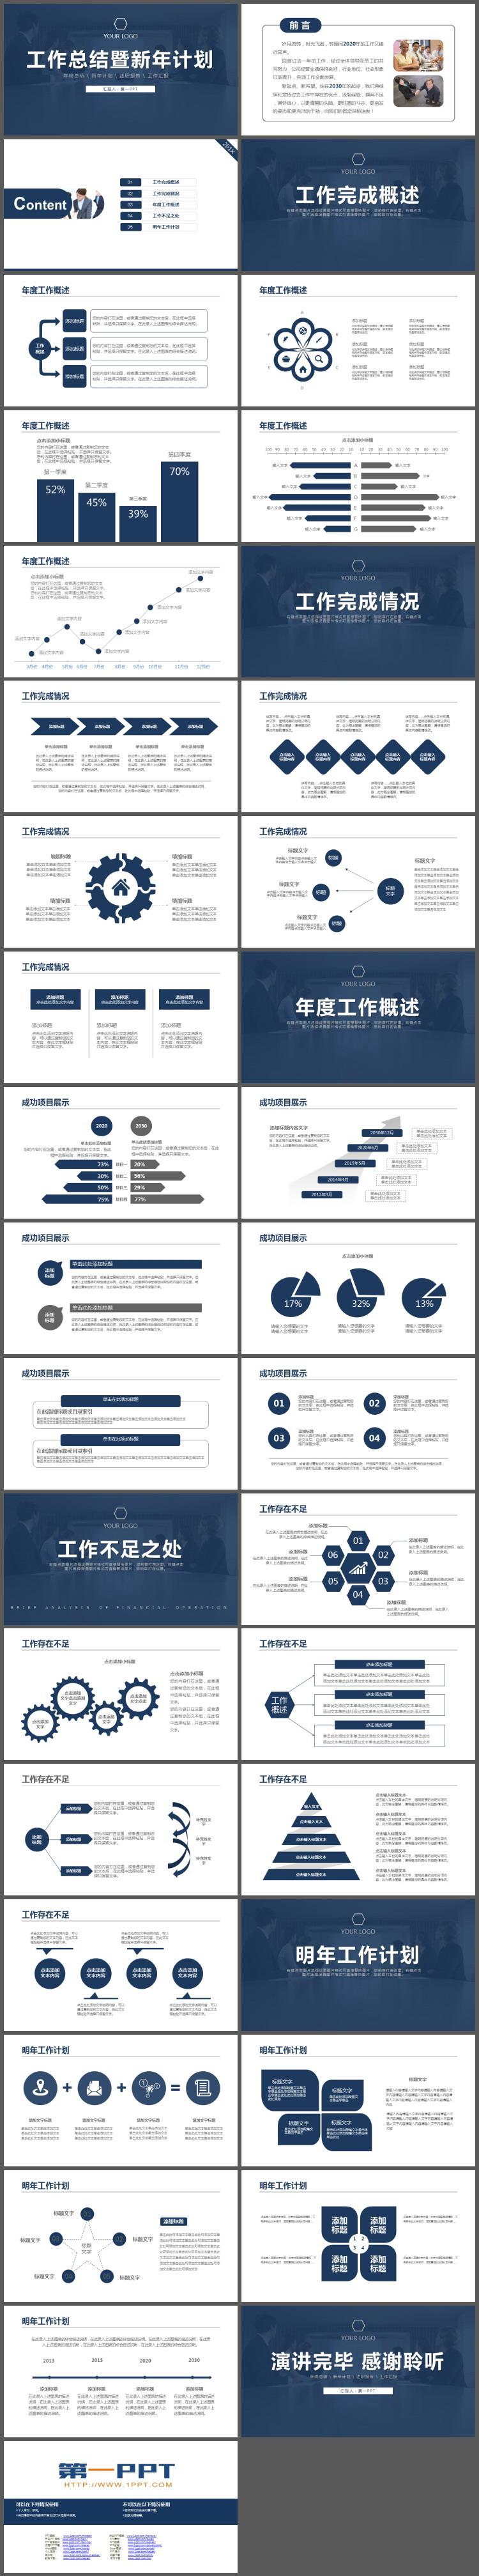 简洁深蓝色稳重年终工作总结暨新年工作计划PPT模板